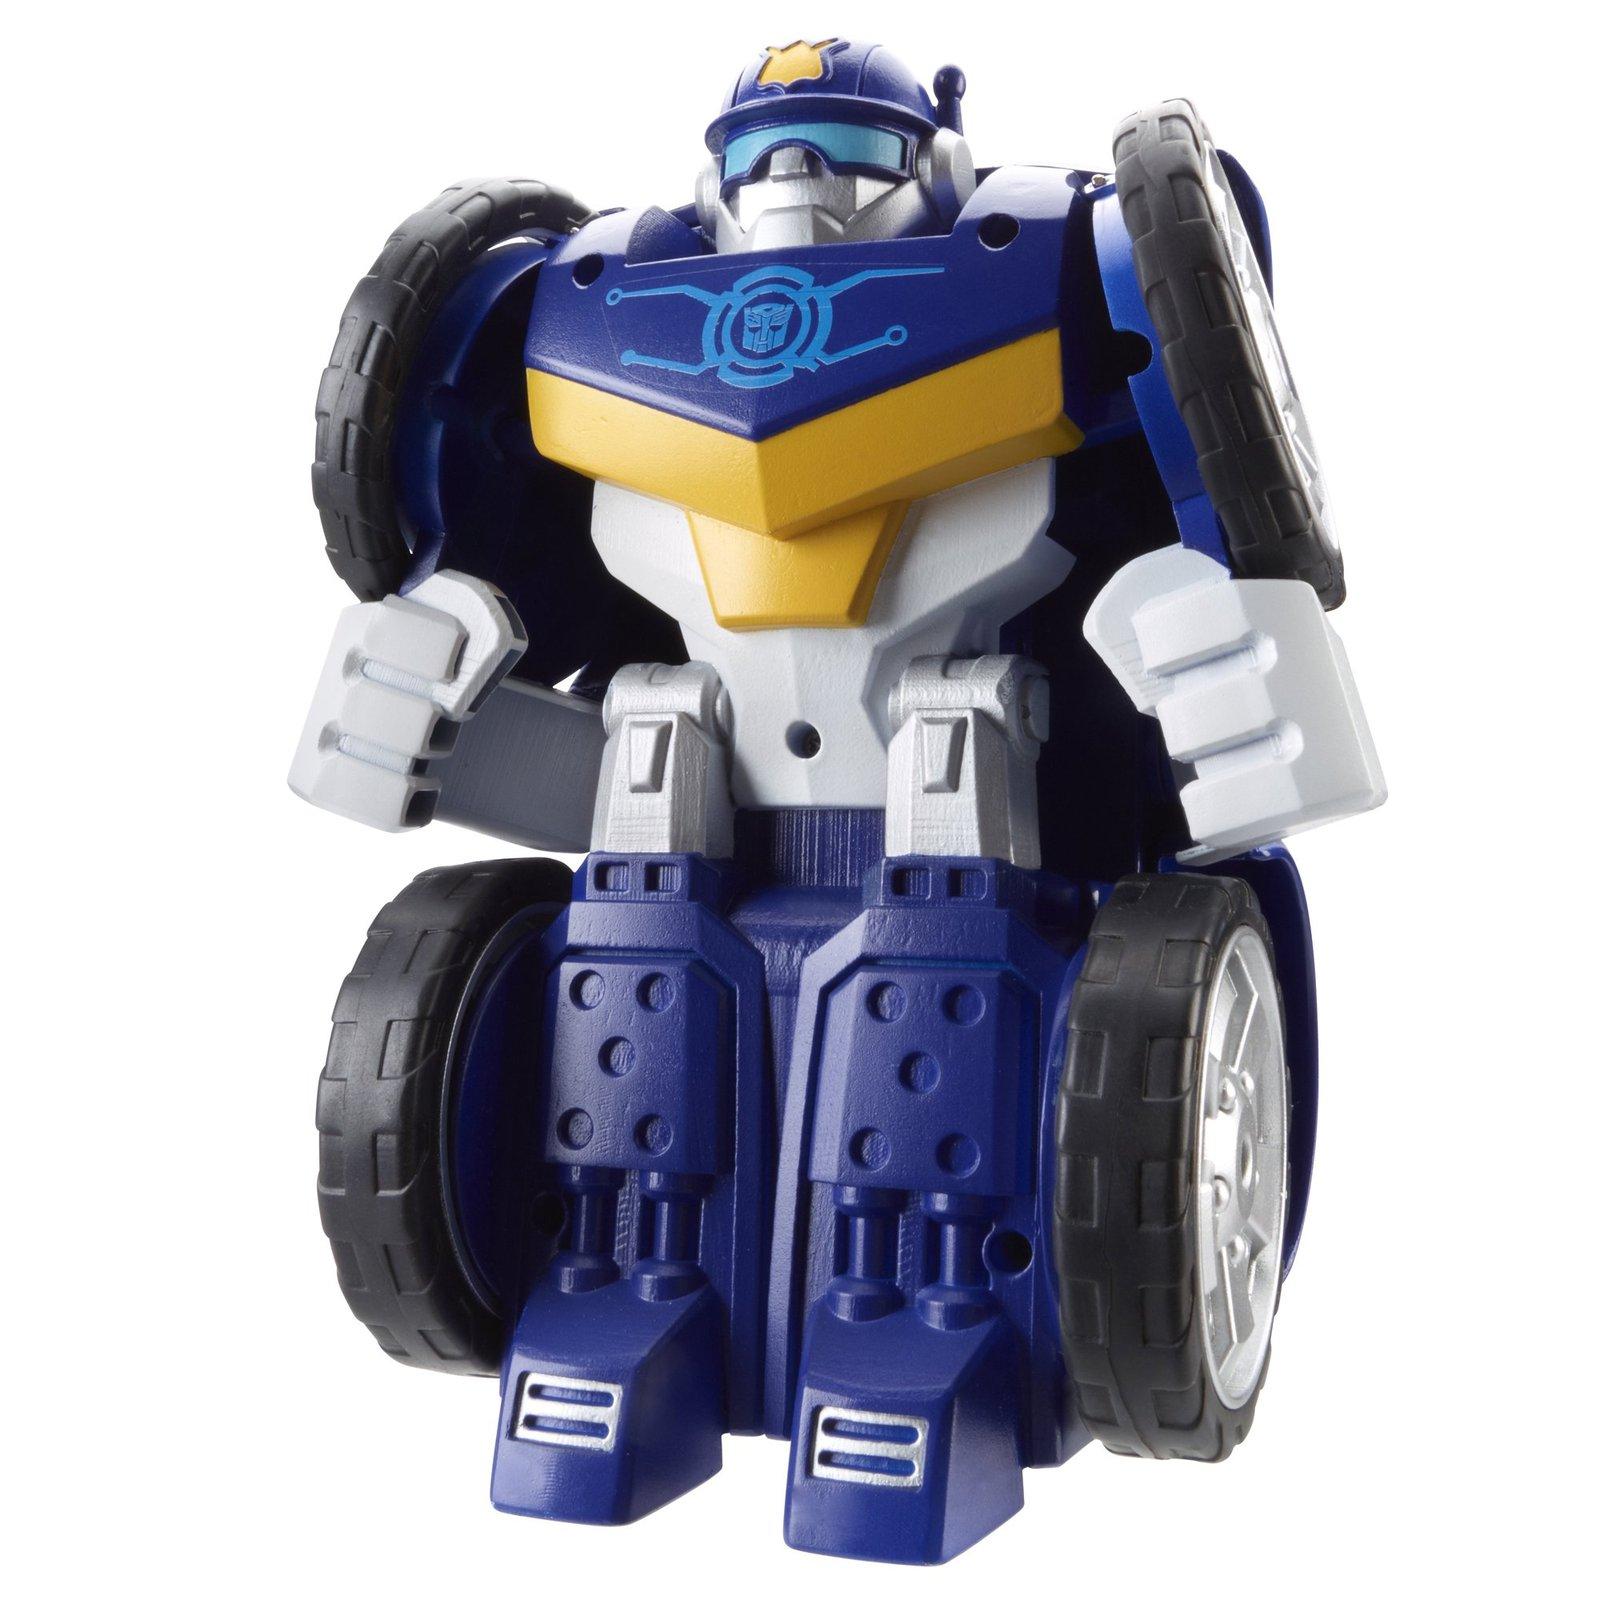 Playskool heroes transformers rescue bots flip changers - Playskool helmet heroes police officer ...